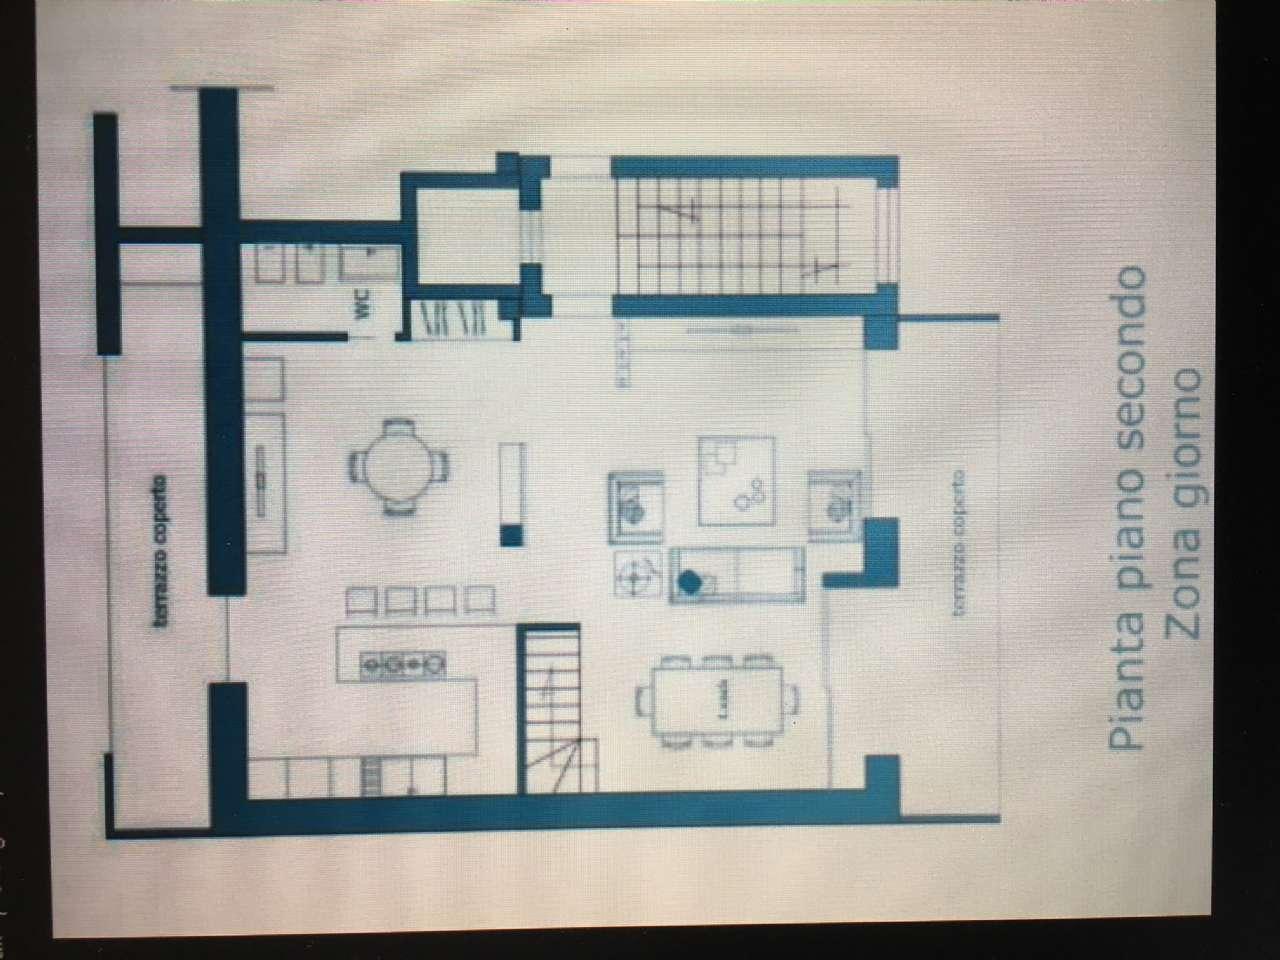 Appartamento in vendita a Villaricca, 4 locali, prezzo € 250.000   CambioCasa.it